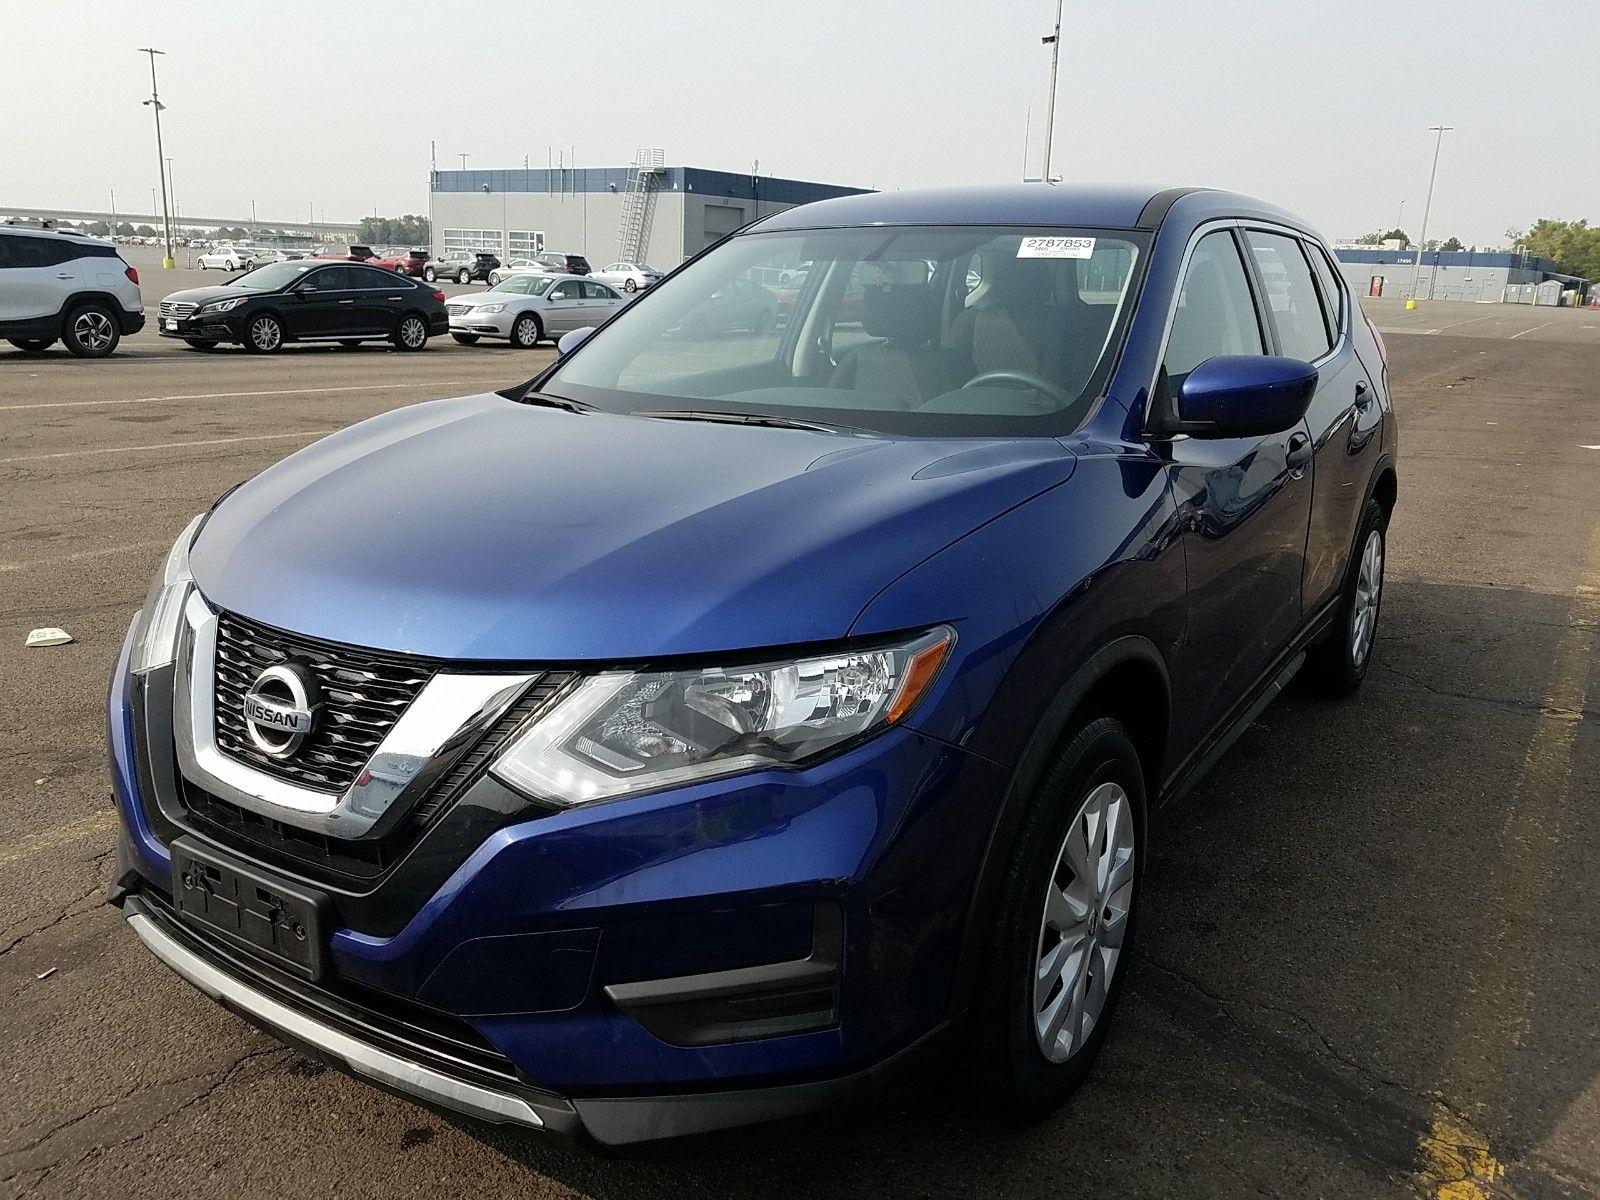 2017 Nissan Rogue 2.5. Lot 99913283743 Vin JN8AT2MV0HW012384